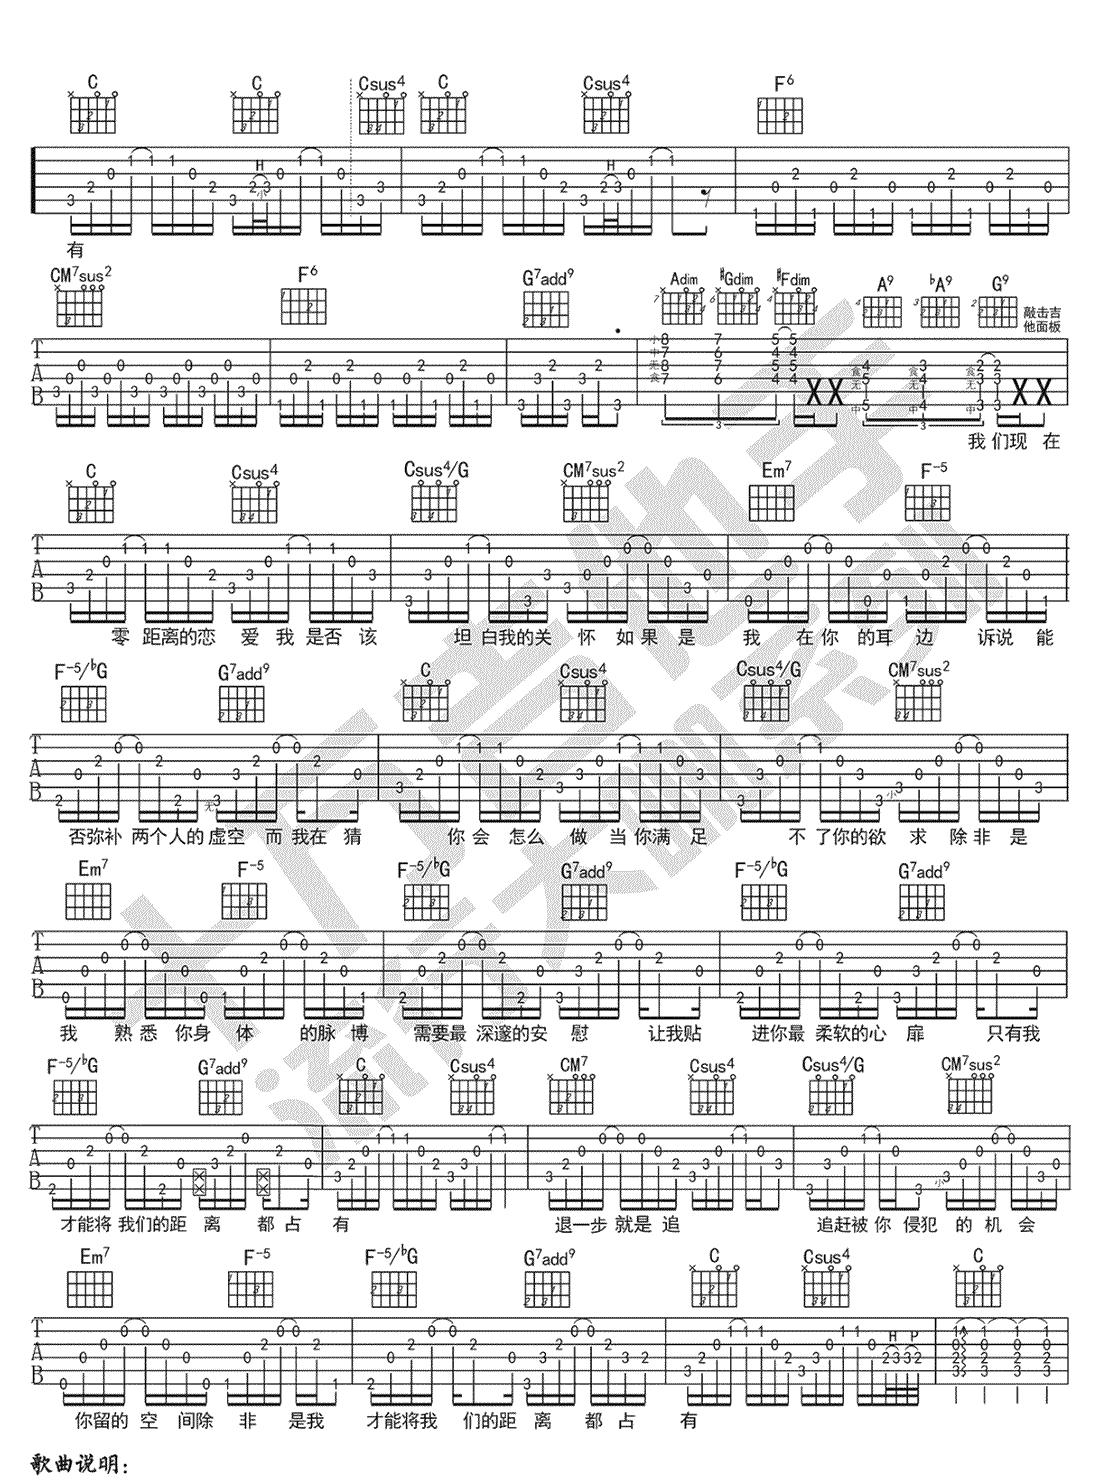 距离吉他谱_陈绮贞_C调弹唱谱完整版-C大调音乐网